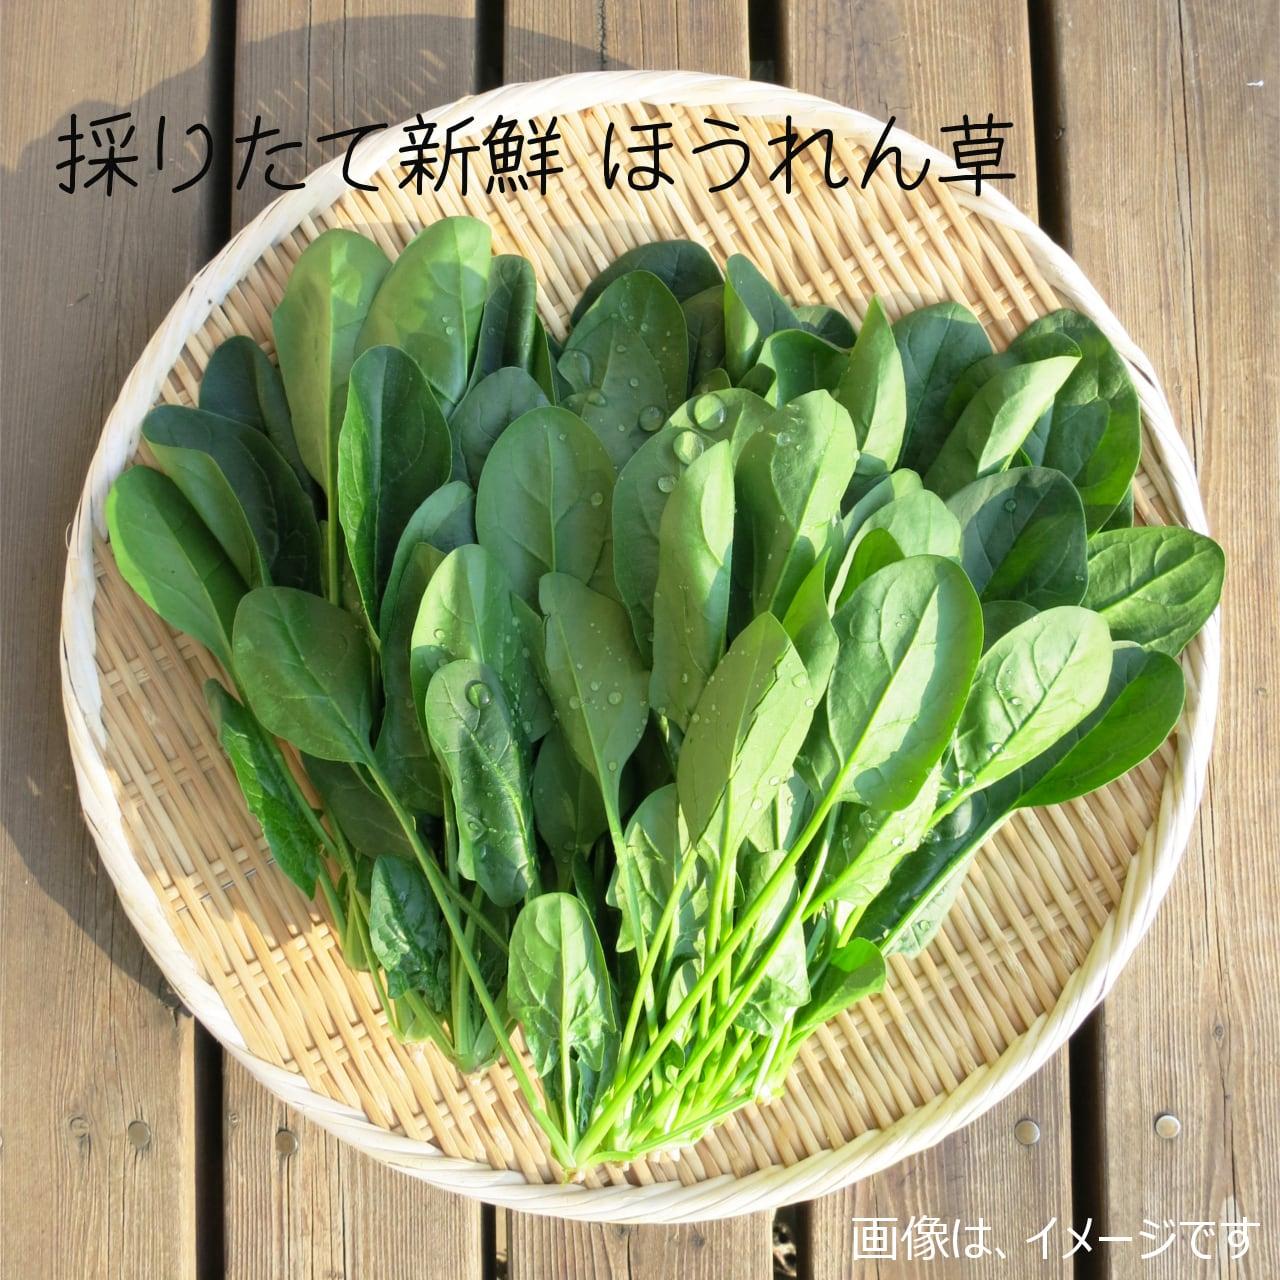 ホウレンソウ 約400g 朝採り直売野菜 7月の新鮮な夏野菜  7月10日発送予定